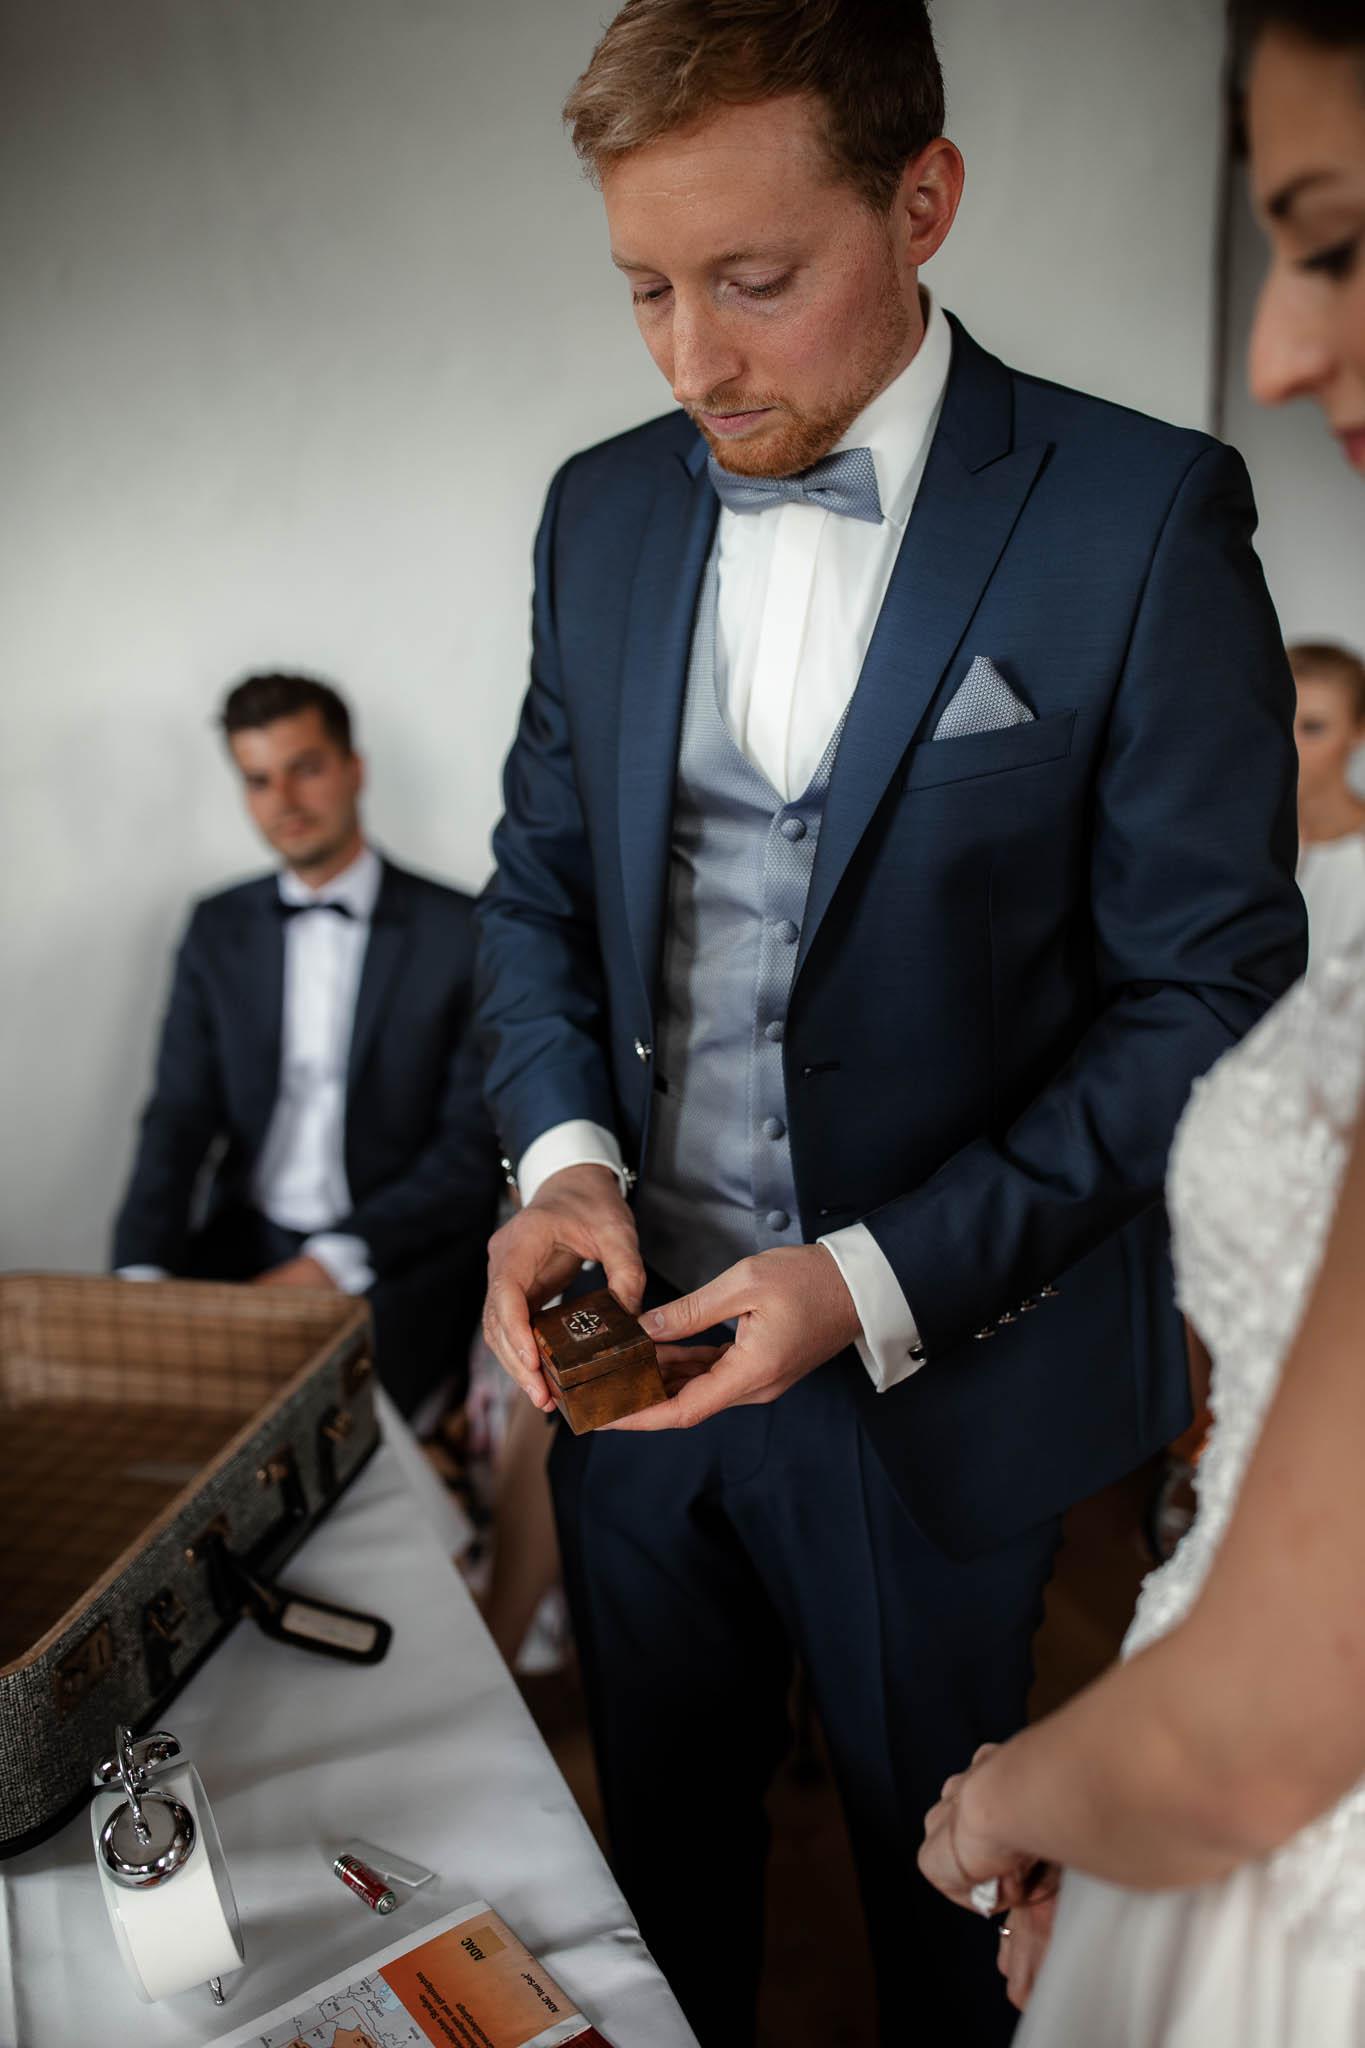 Als Hochzeitsfotograf im Hofgut Ruppertsberg: Hochzeit von Lisa und Max mit freier Trauung 35